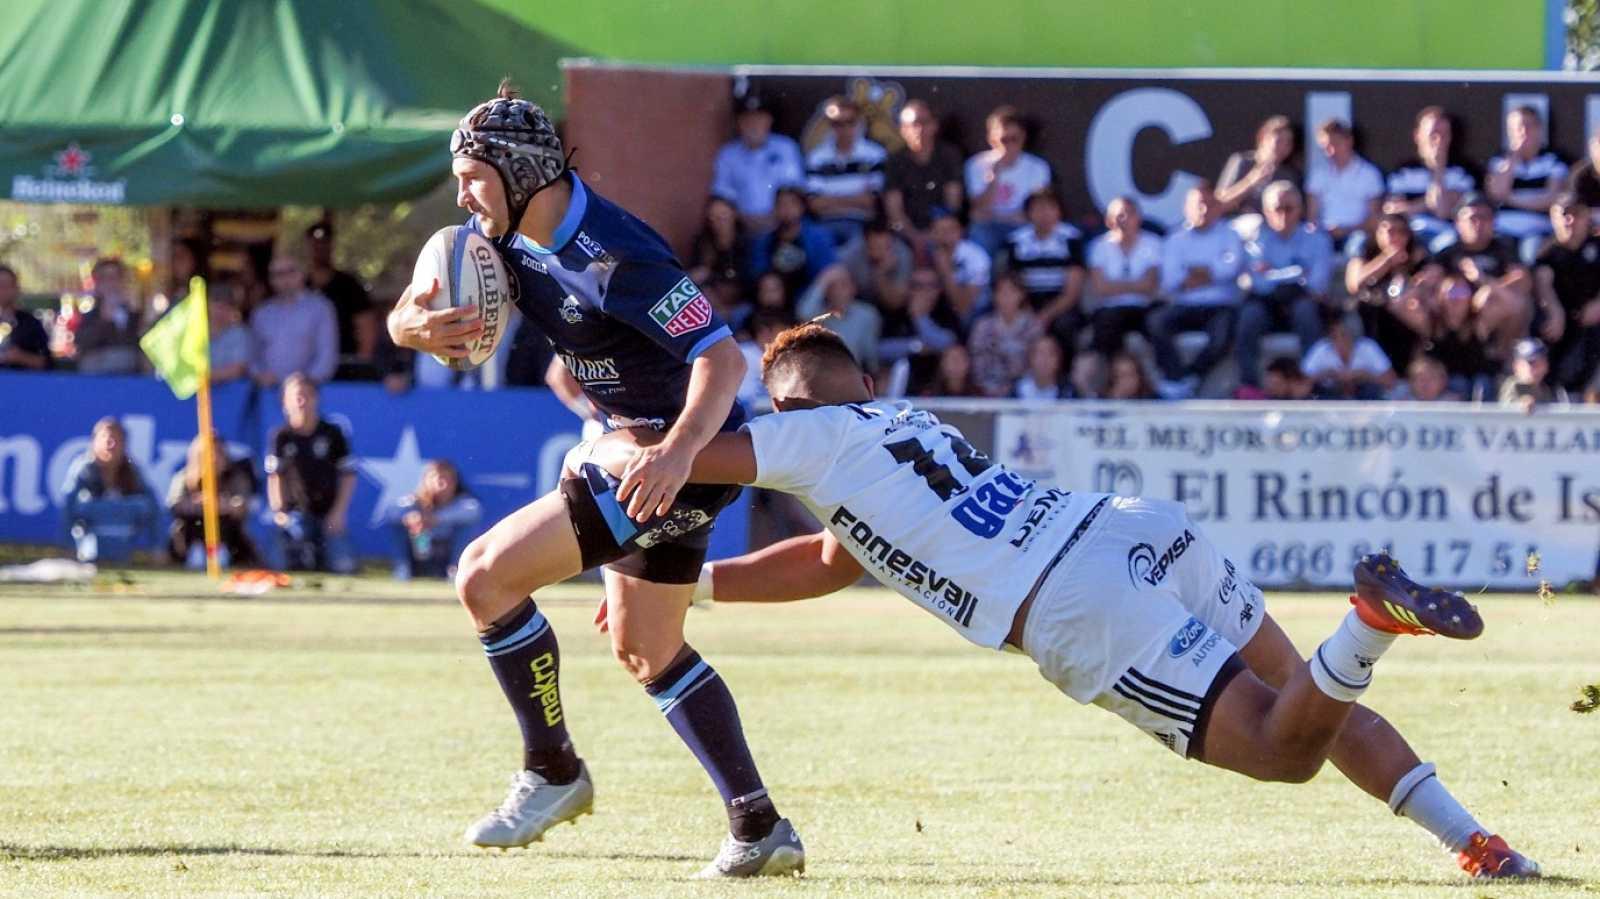 Rugby - Liga División de Honor masculina. Final: CR El Salvador -VRAC Valladolid - ver ahora